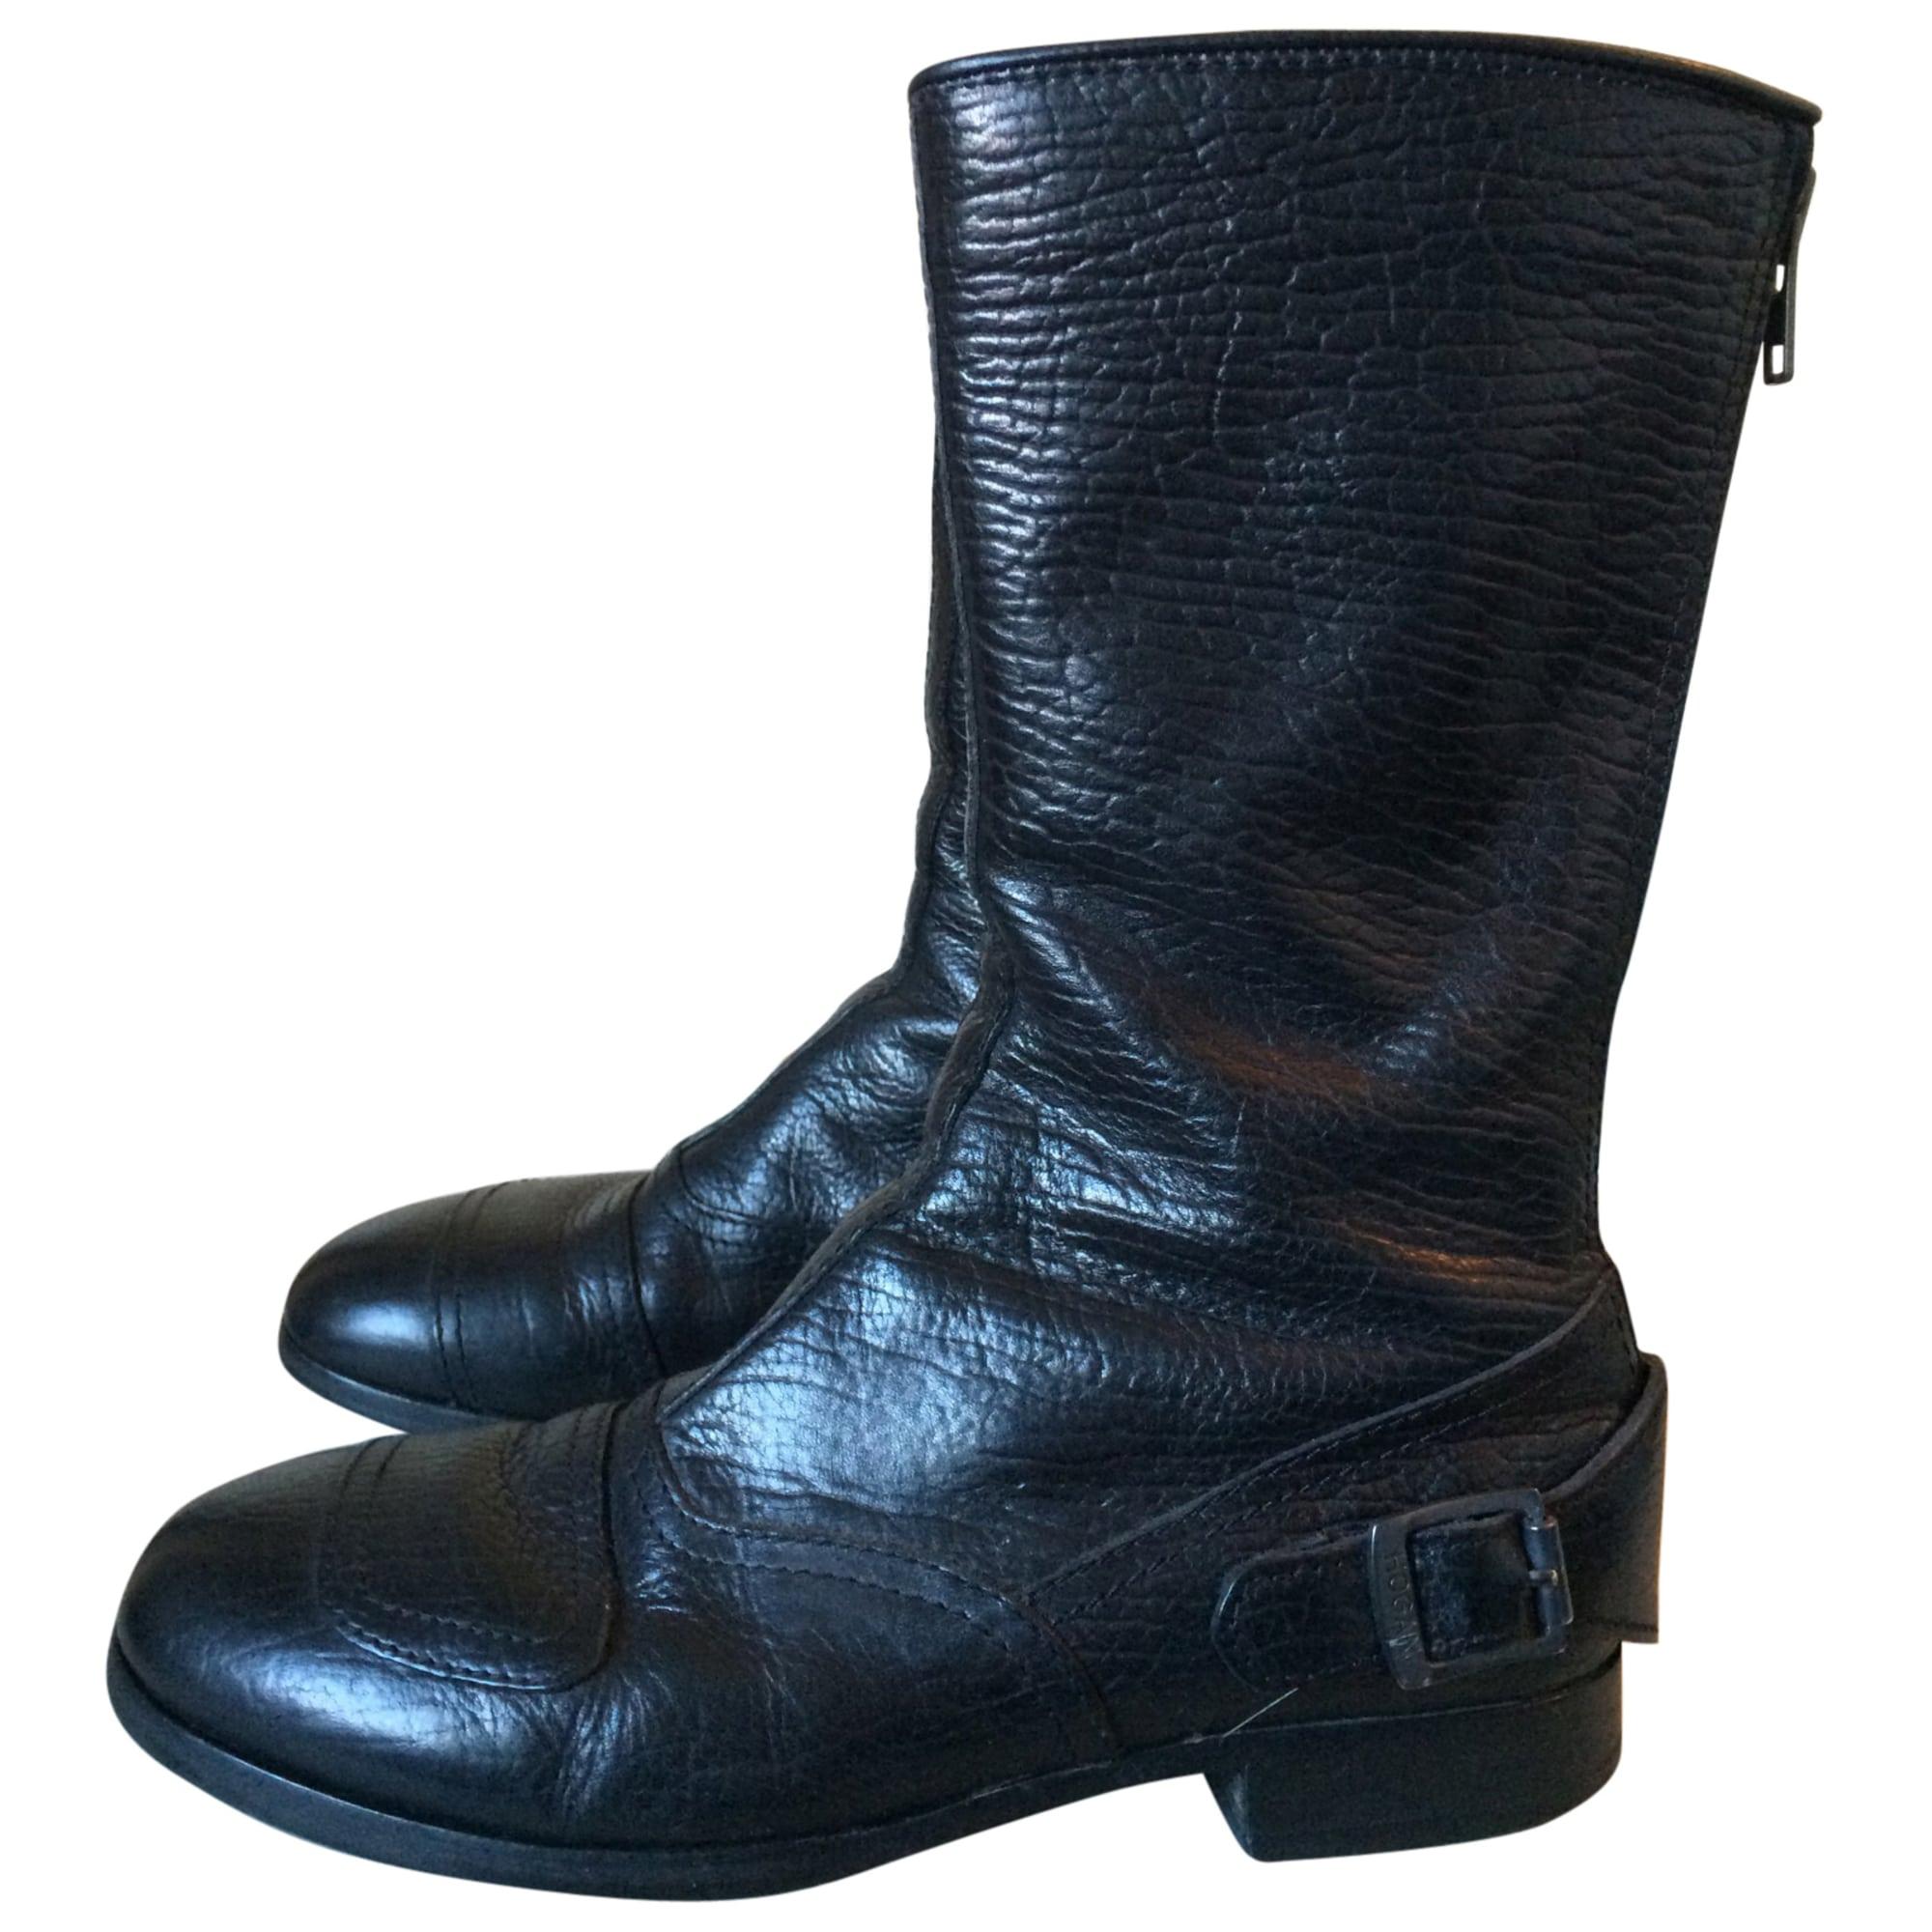 chaussures de séparation a3eb1 5b9b0 Bottes motards